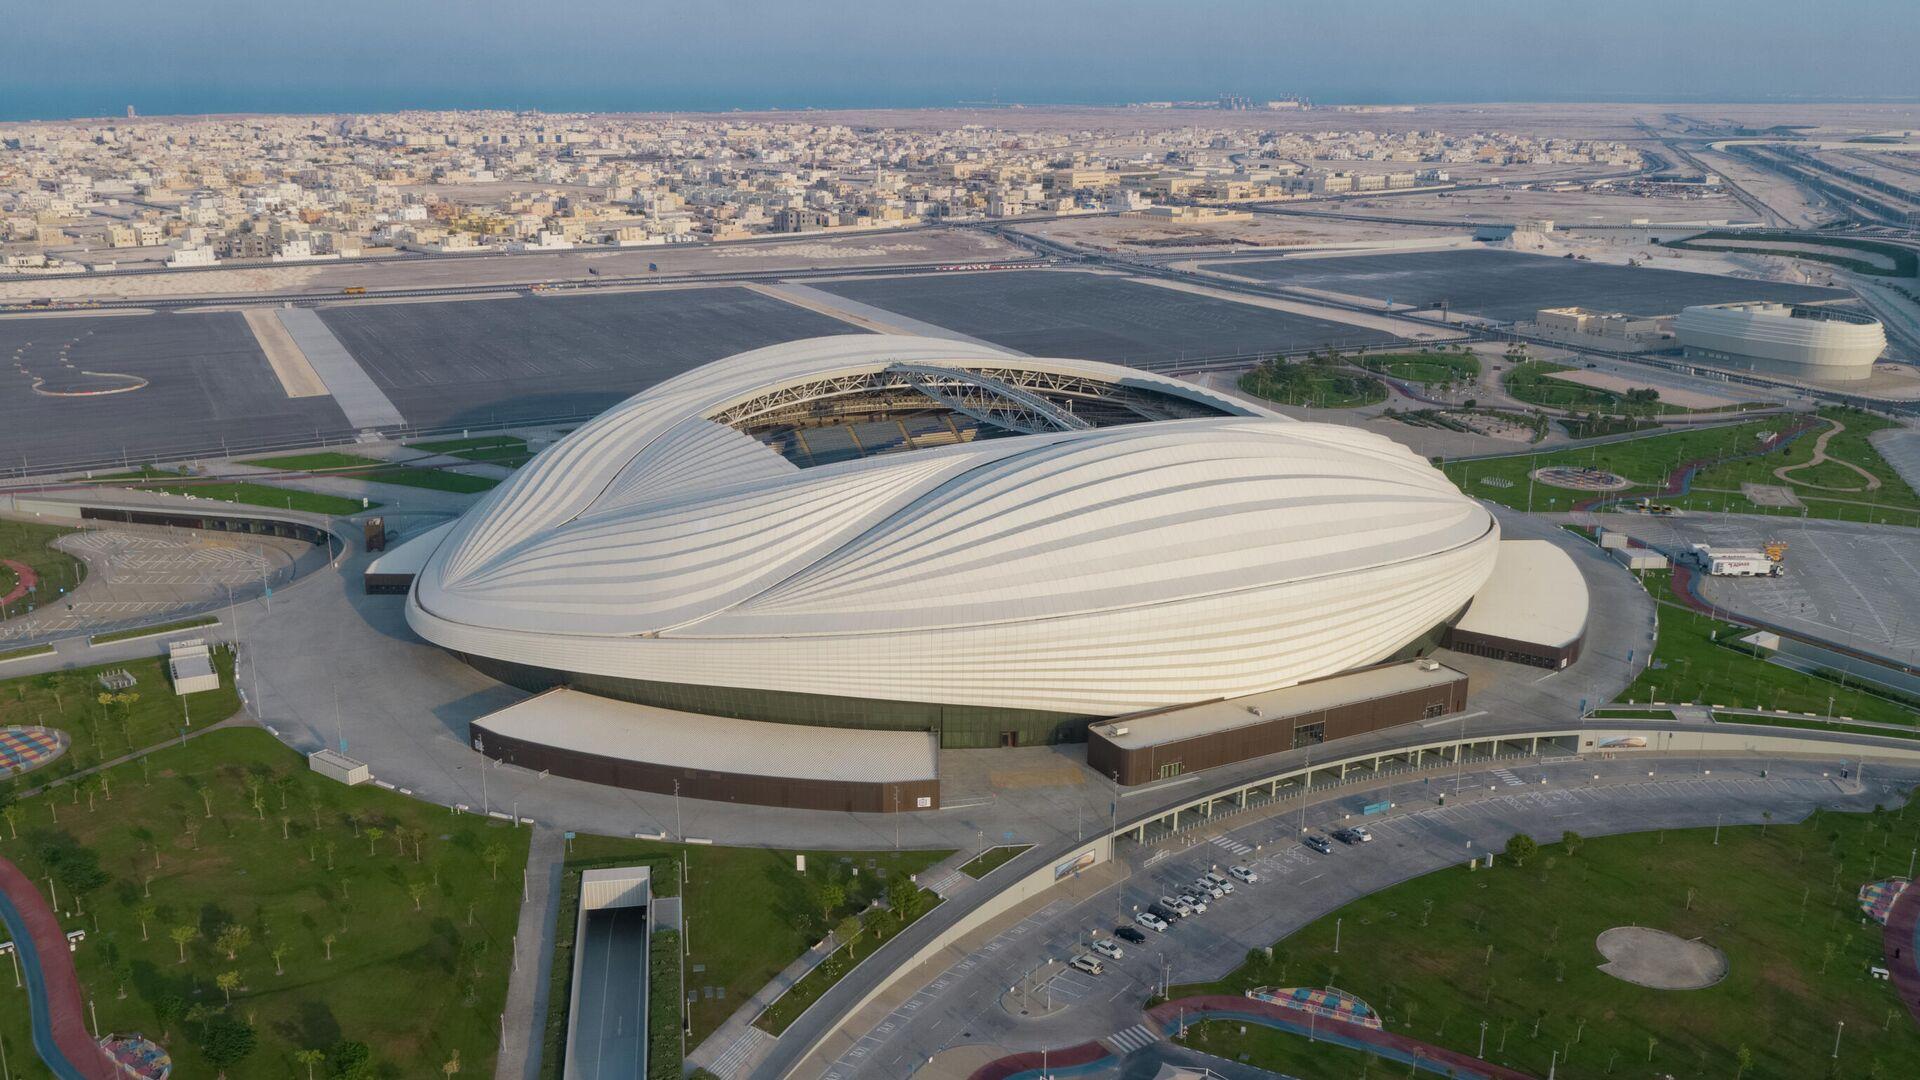 Стадион Аль-Джануб в Катаре - РИА Новости, 1920, 09.03.2021